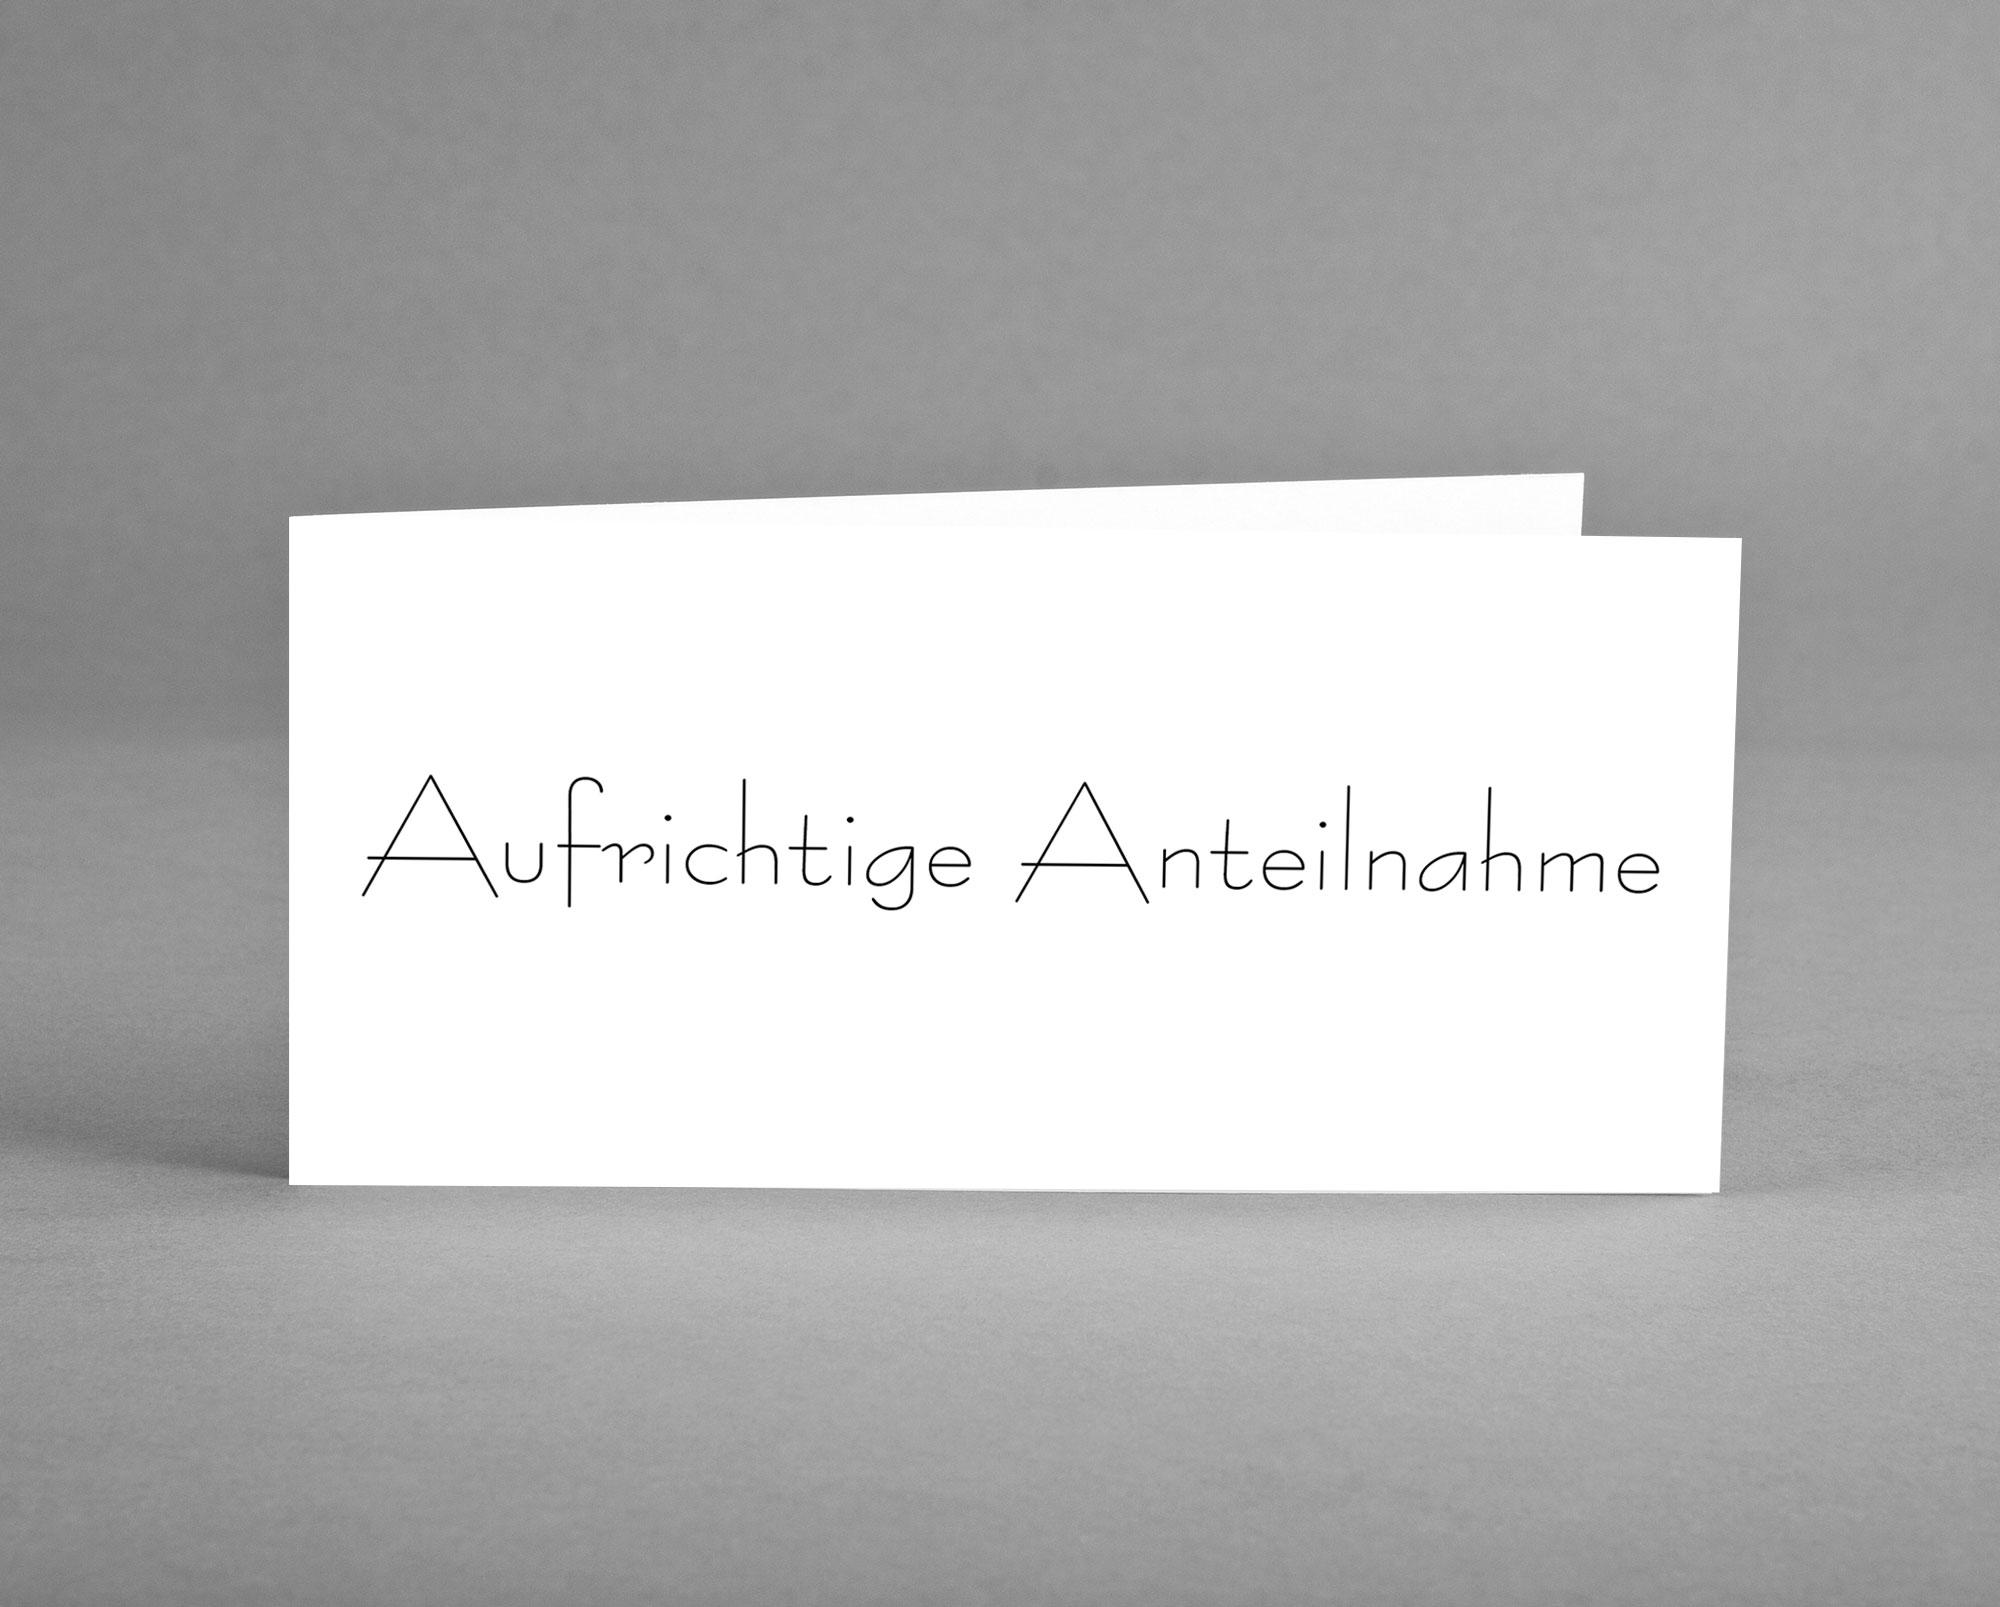 Traueranzeige_Trauerkarte_Aufrichtige-Anteilnahme_grusskarten-design_aussen65wdE6TpxyTrU